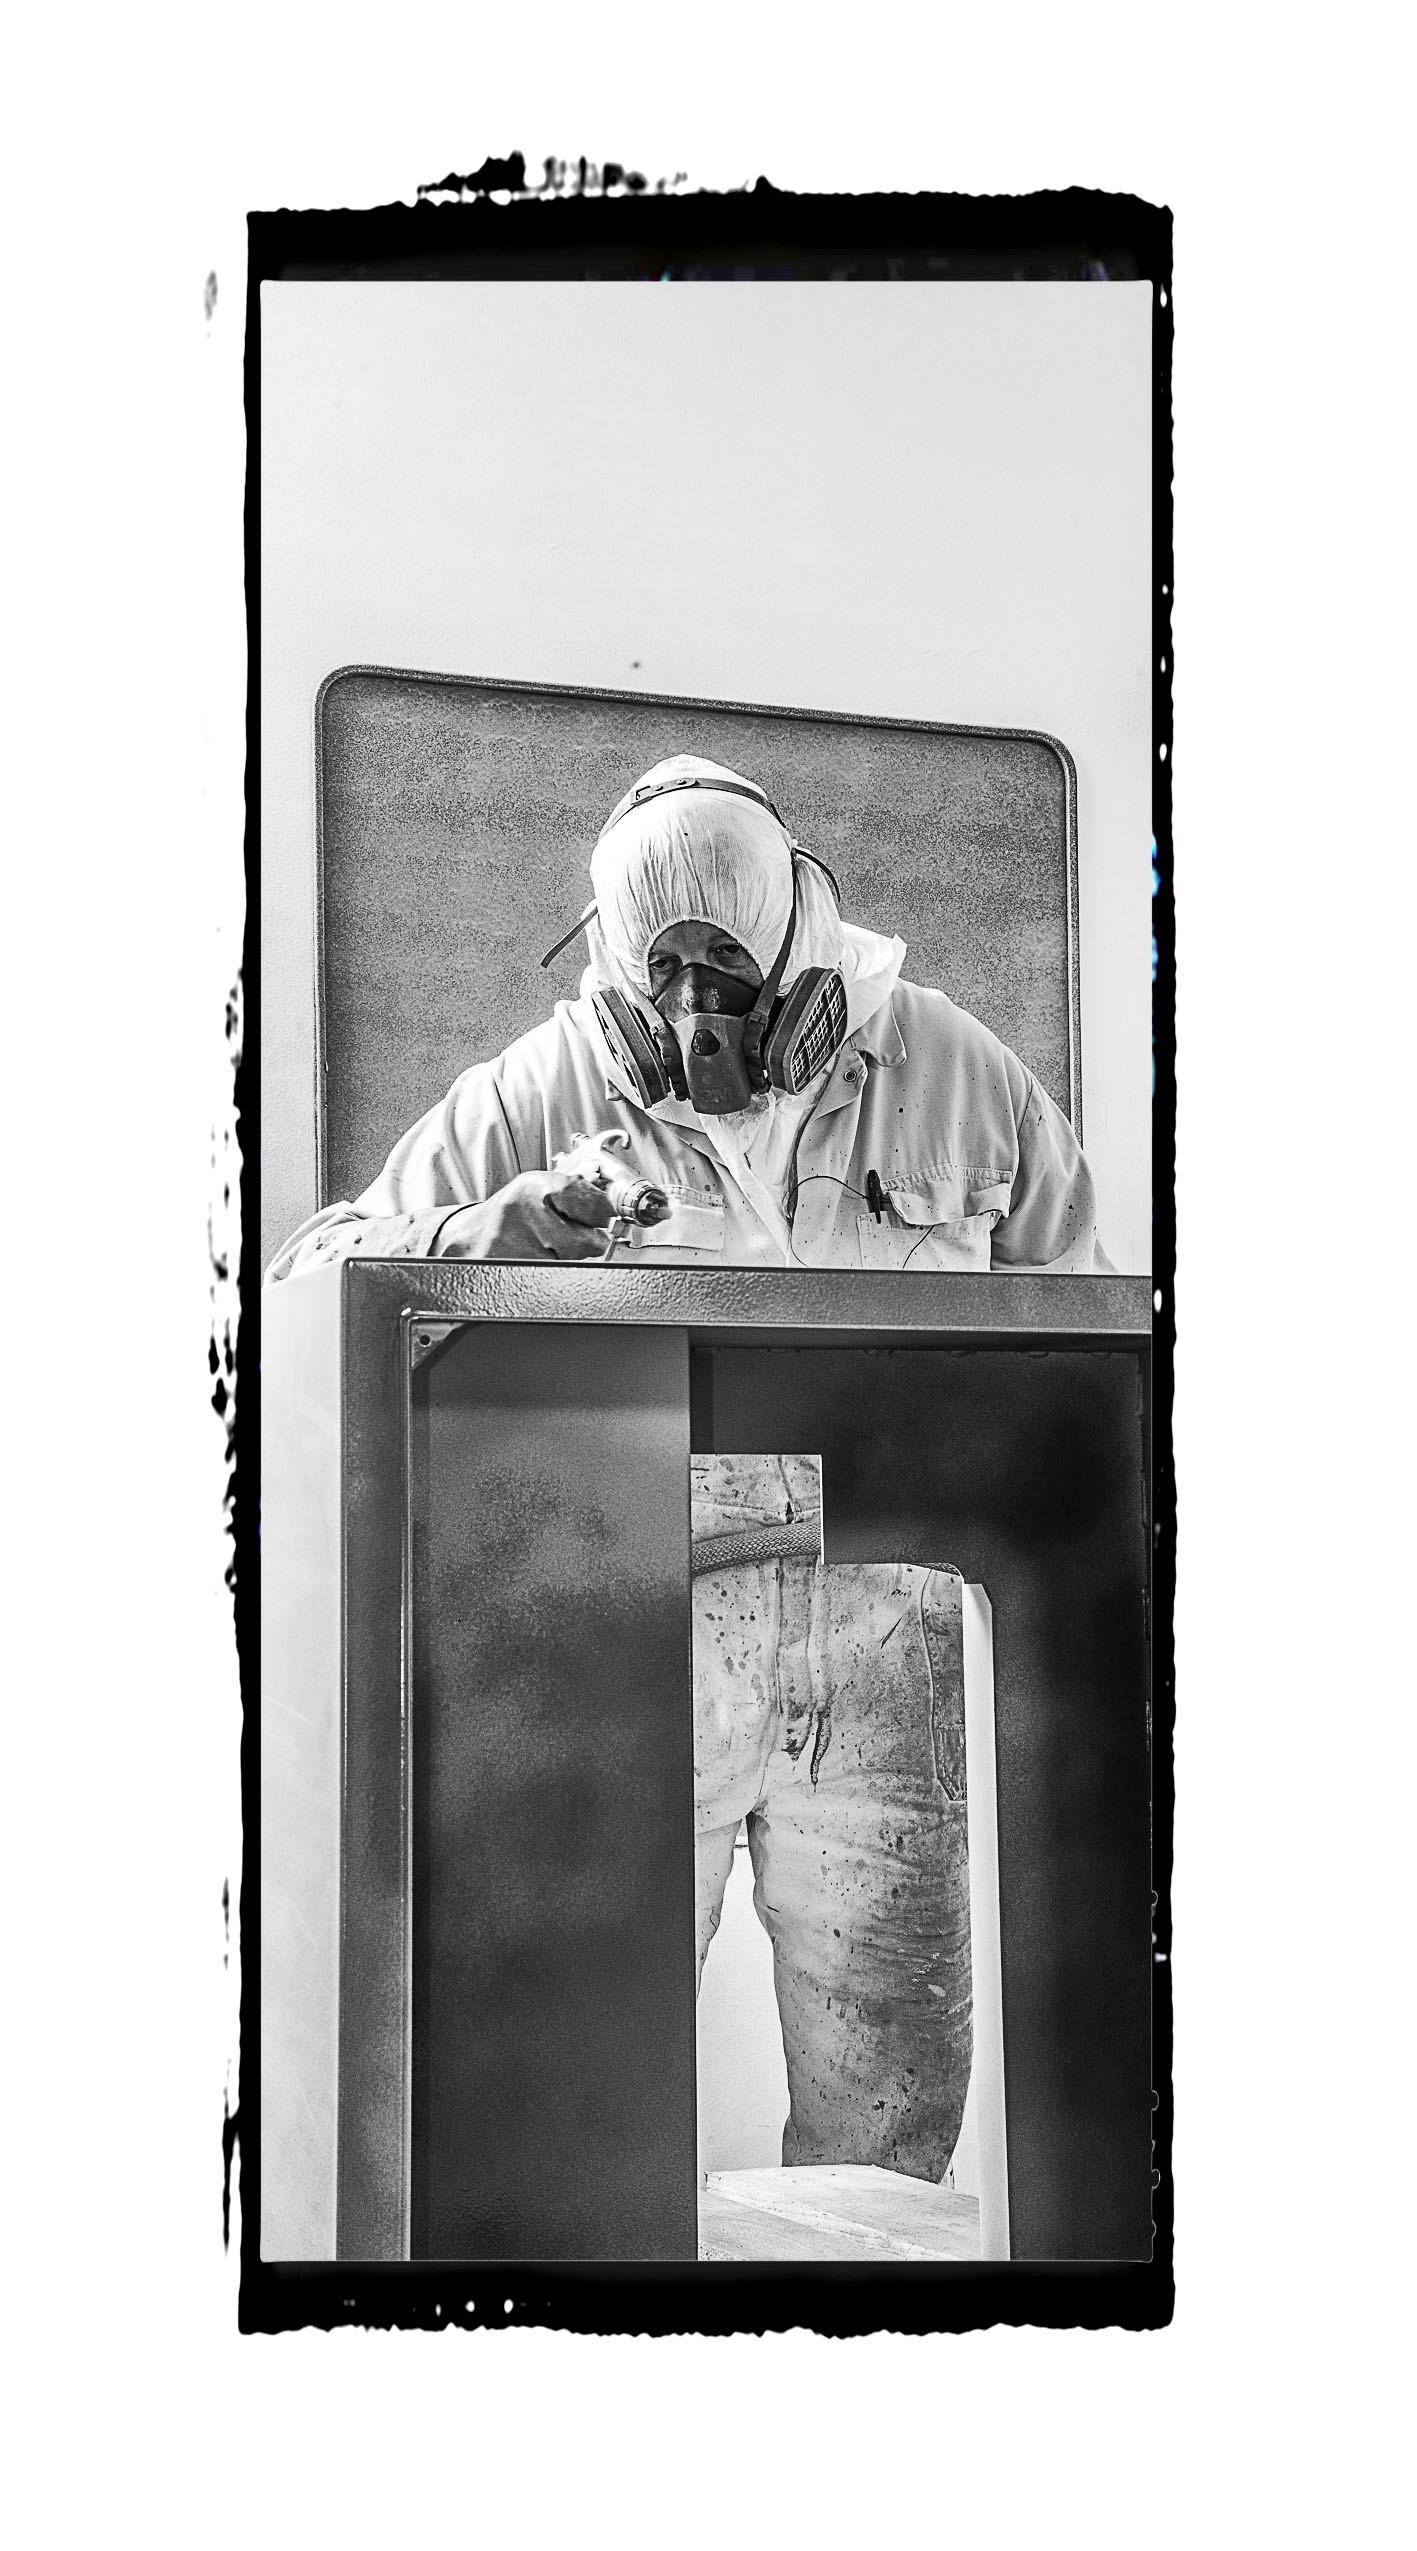 Portrait Noir et blanc d'un peintre dans une cabine de peinture industriel avec son équipement de protection